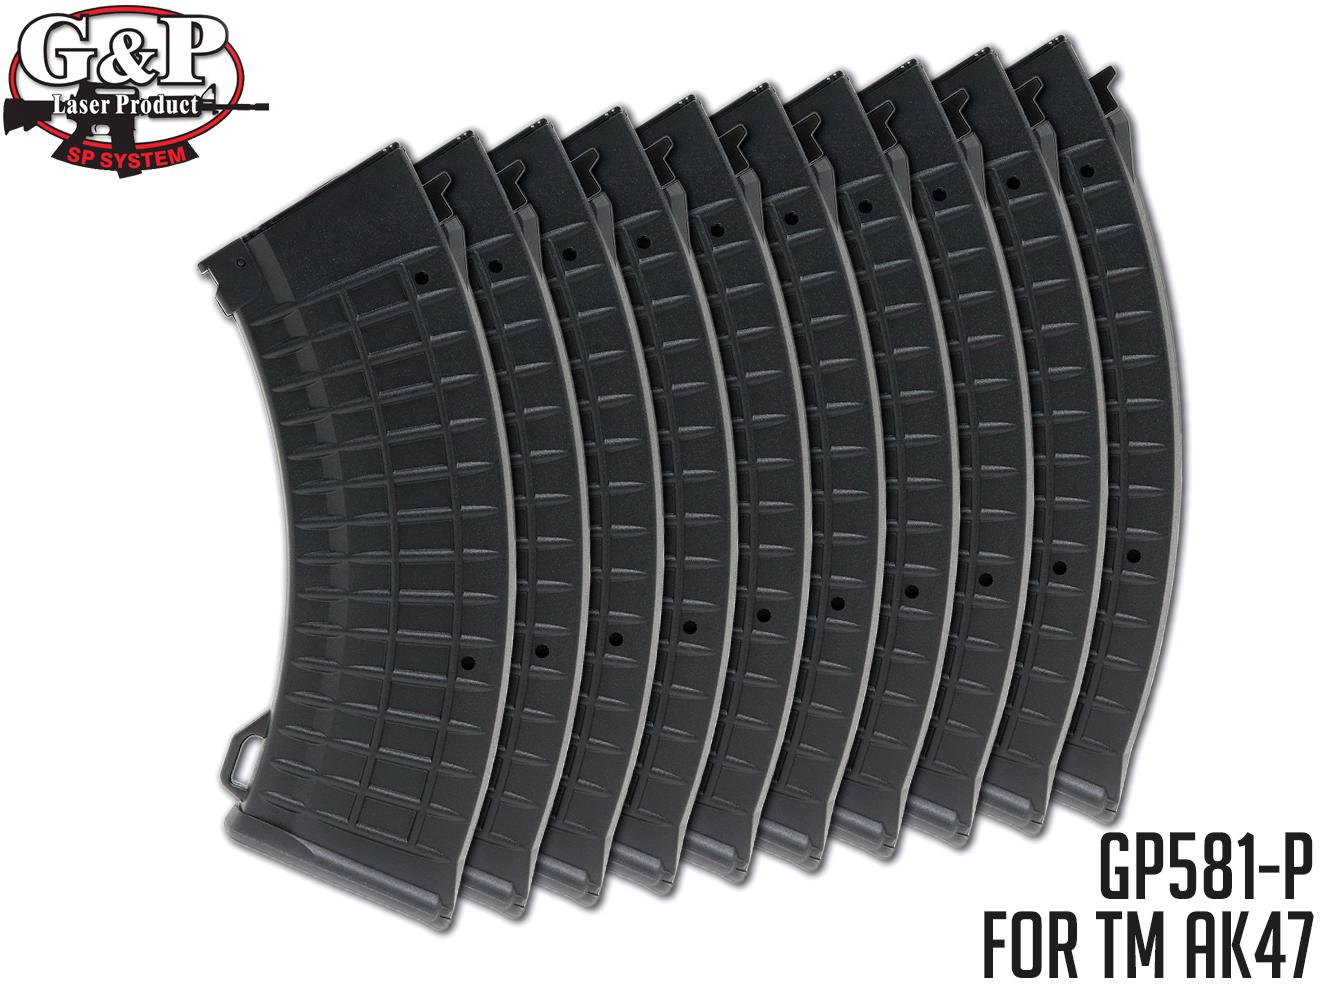 【お得な10個入りパック】G&P 東京マルイ AK47シリーズ用 150連ワッフル・パターン・マガジン ブラック★GP581 MARUI AK47 150Rds Waffle Pattern Magazine BK 予備マガジンに!検)サバゲ ジーアンドピーフィールド